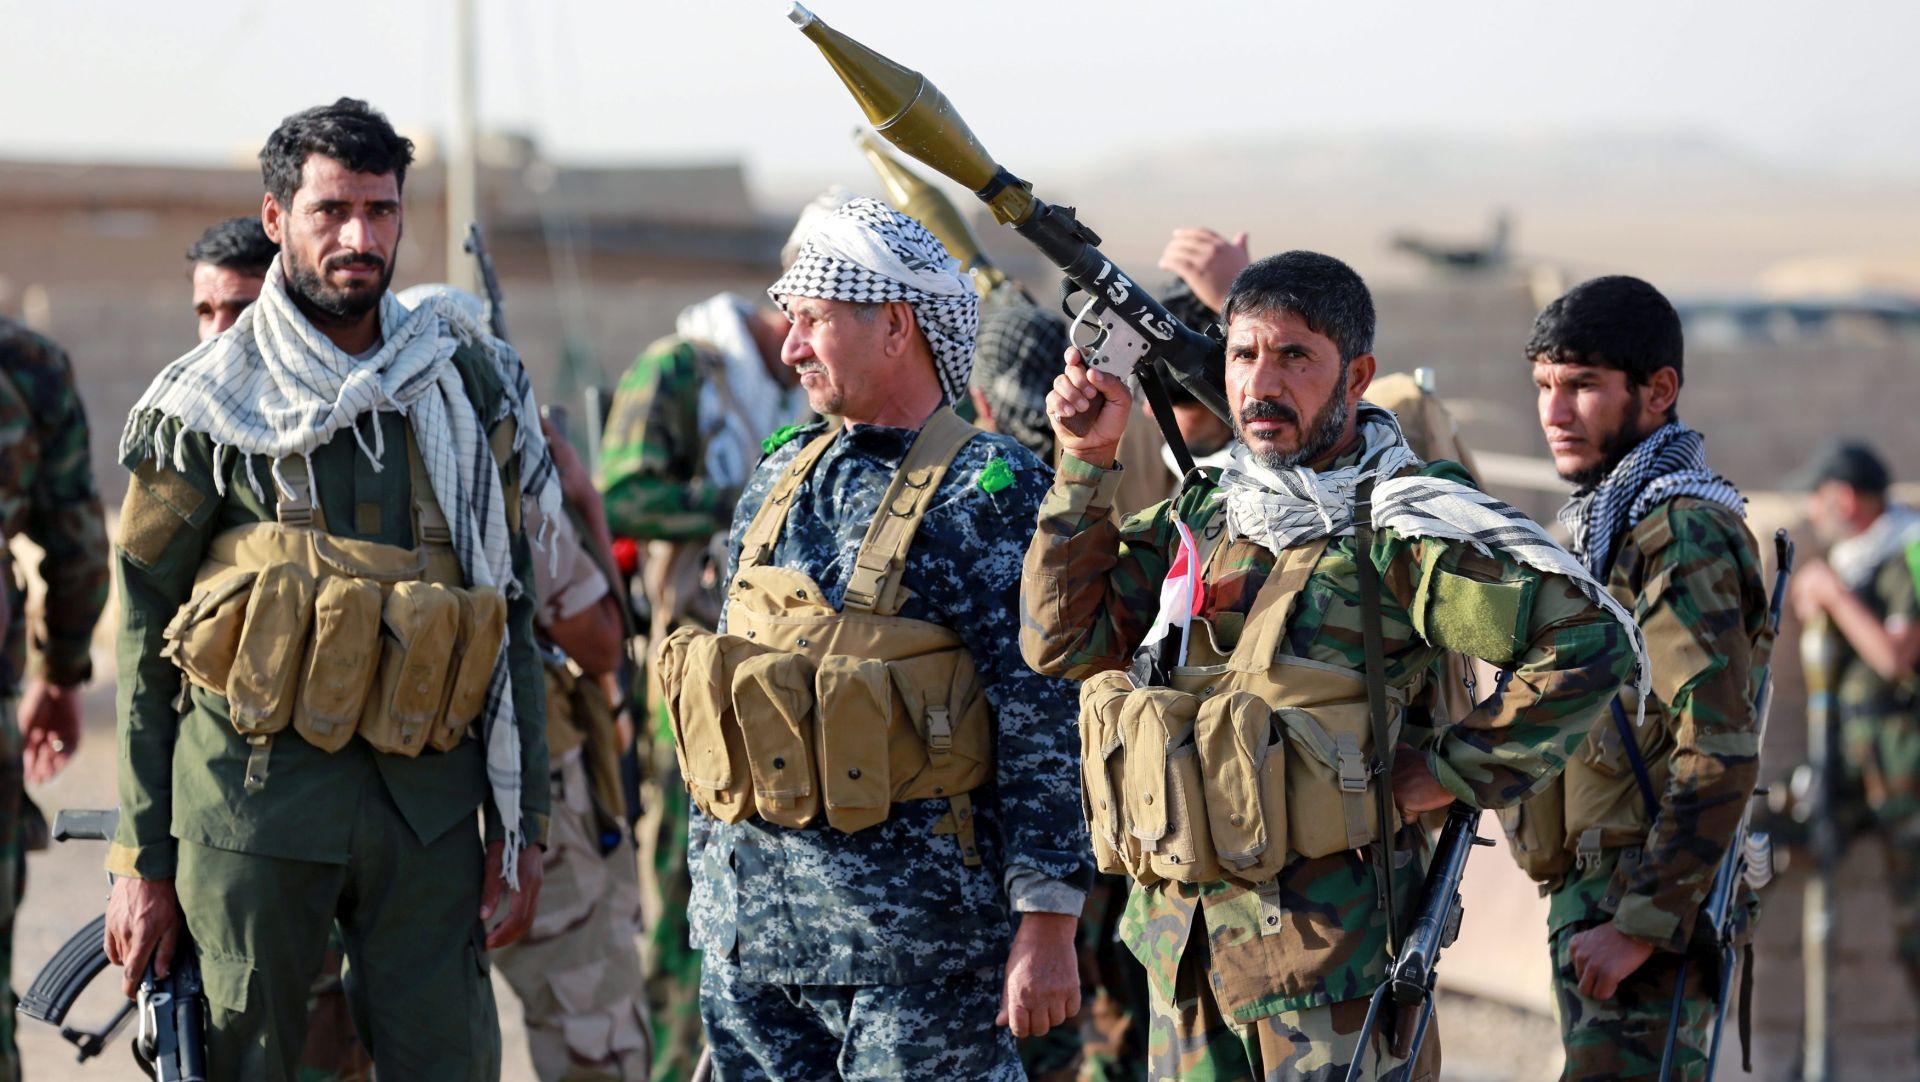 IRAČKA VOJSKA UŠLA U MOSUL Dočekao ih snažan otpor militanata Islamske države